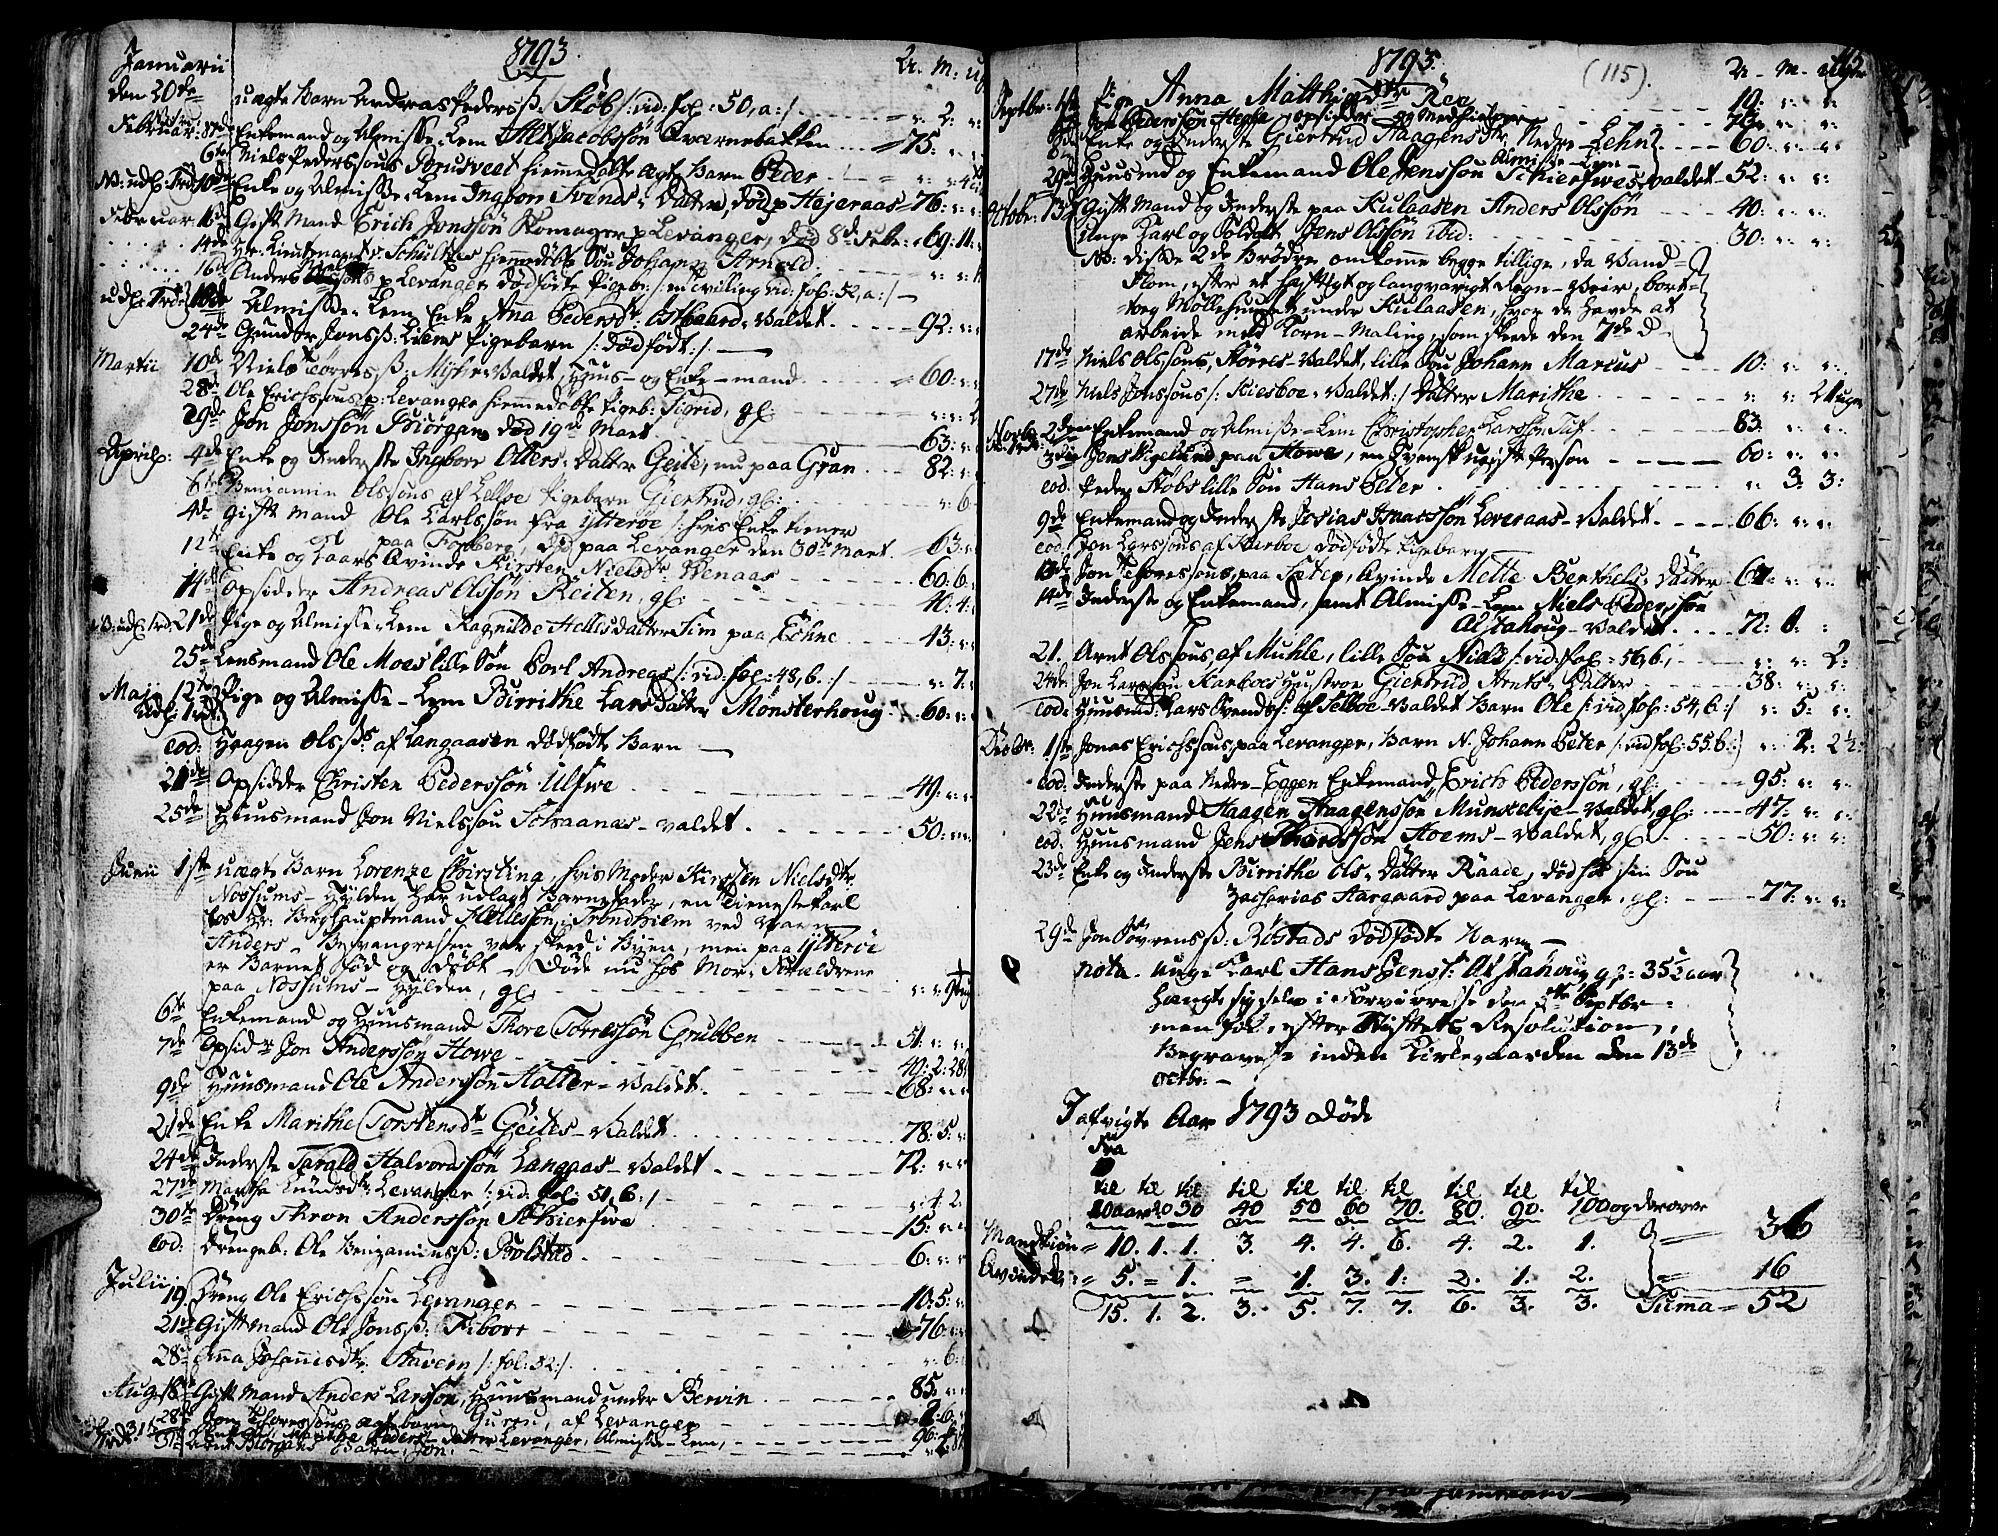 SAT, Ministerialprotokoller, klokkerbøker og fødselsregistre - Nord-Trøndelag, 717/L0142: Ministerialbok nr. 717A02 /1, 1783-1809, s. 115